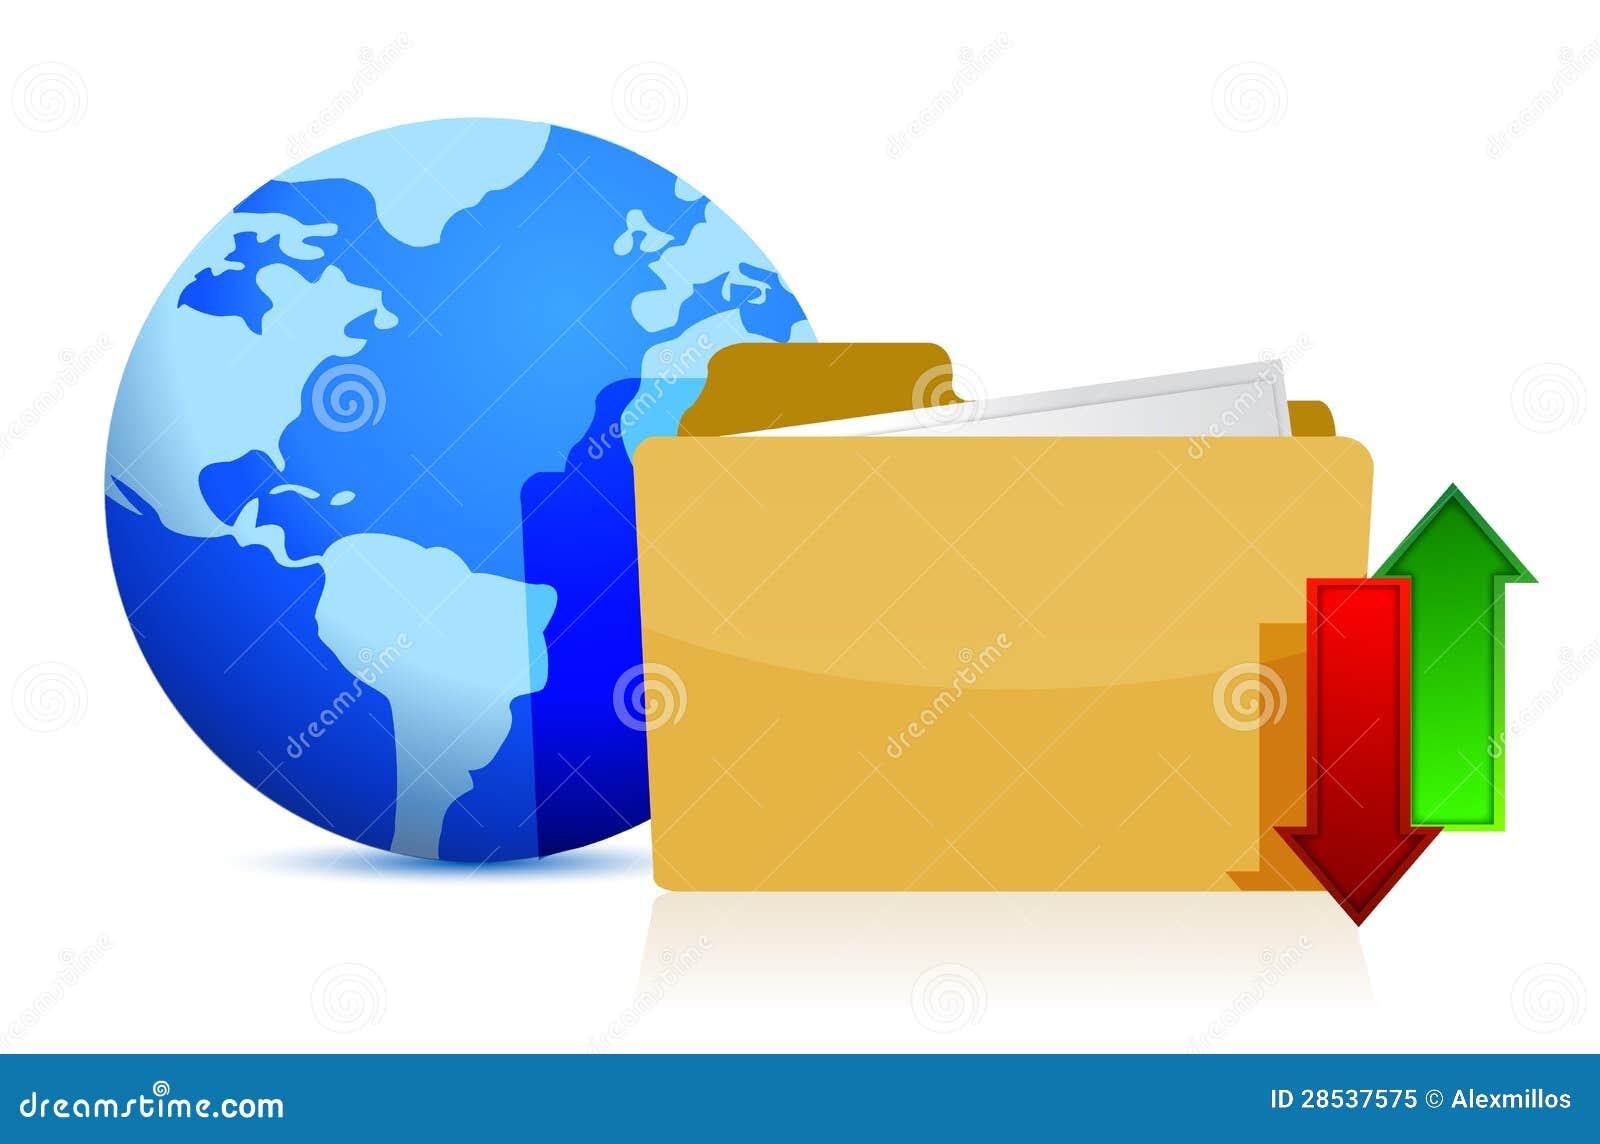 online Dzogchen